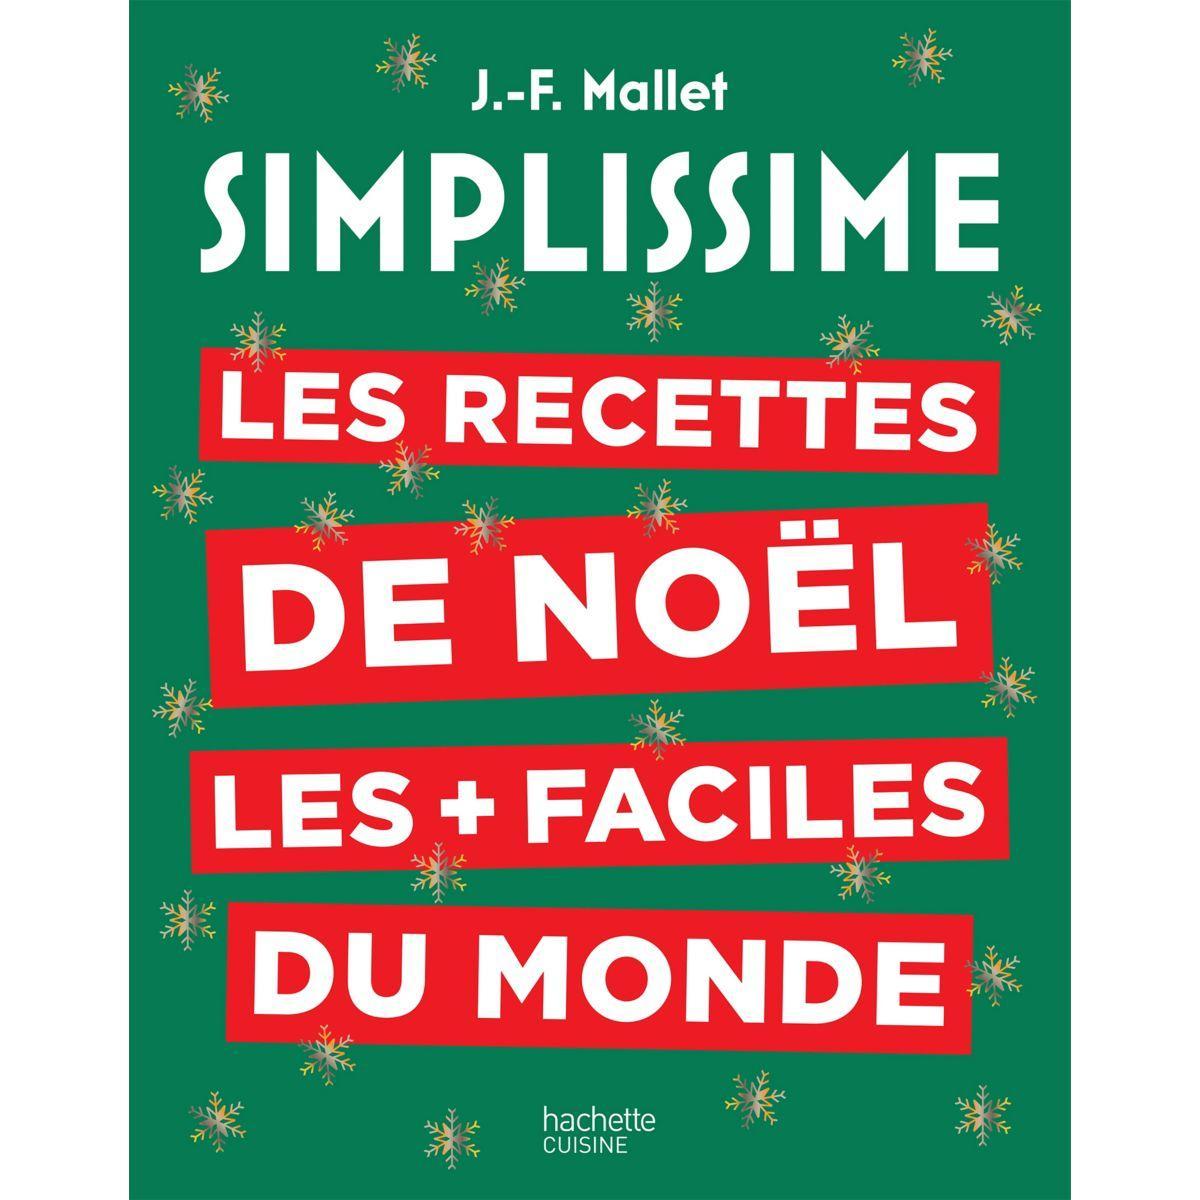 Livre de cuisine hachette simplissime recettes de noel (photo)